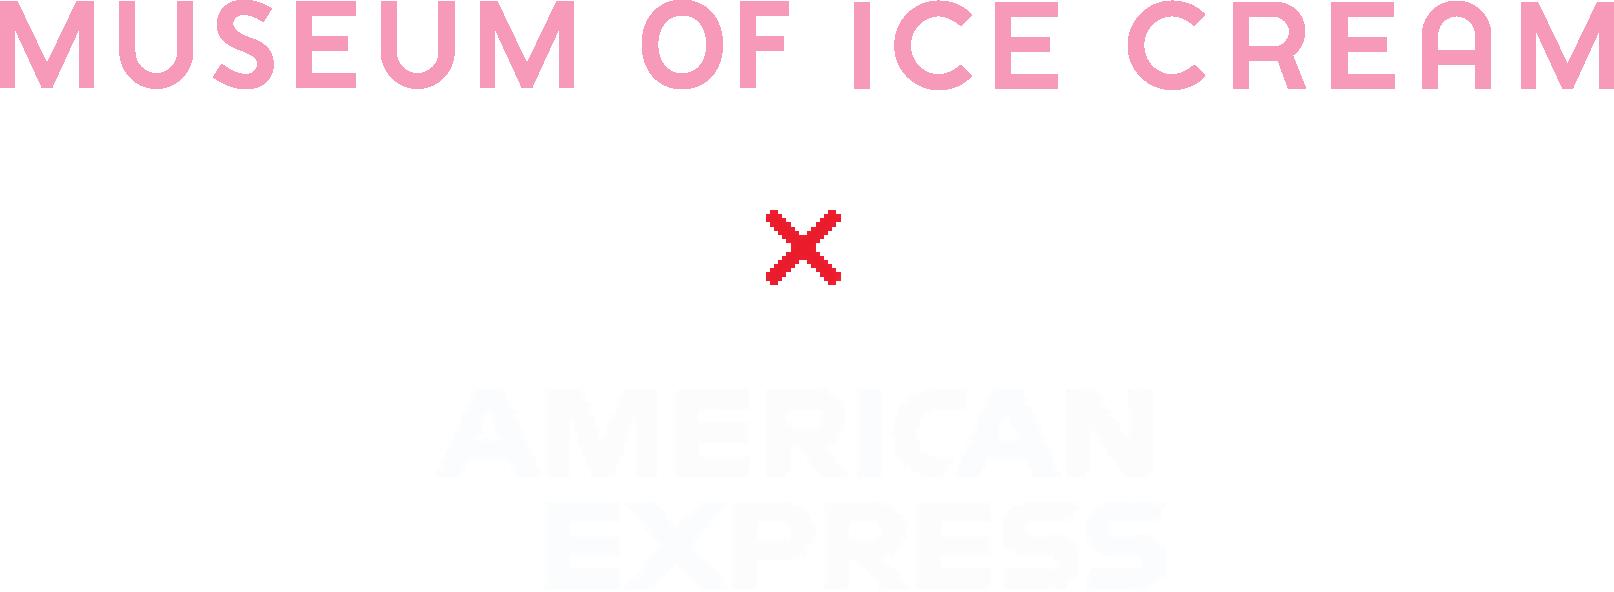 Museum of ice cream x target